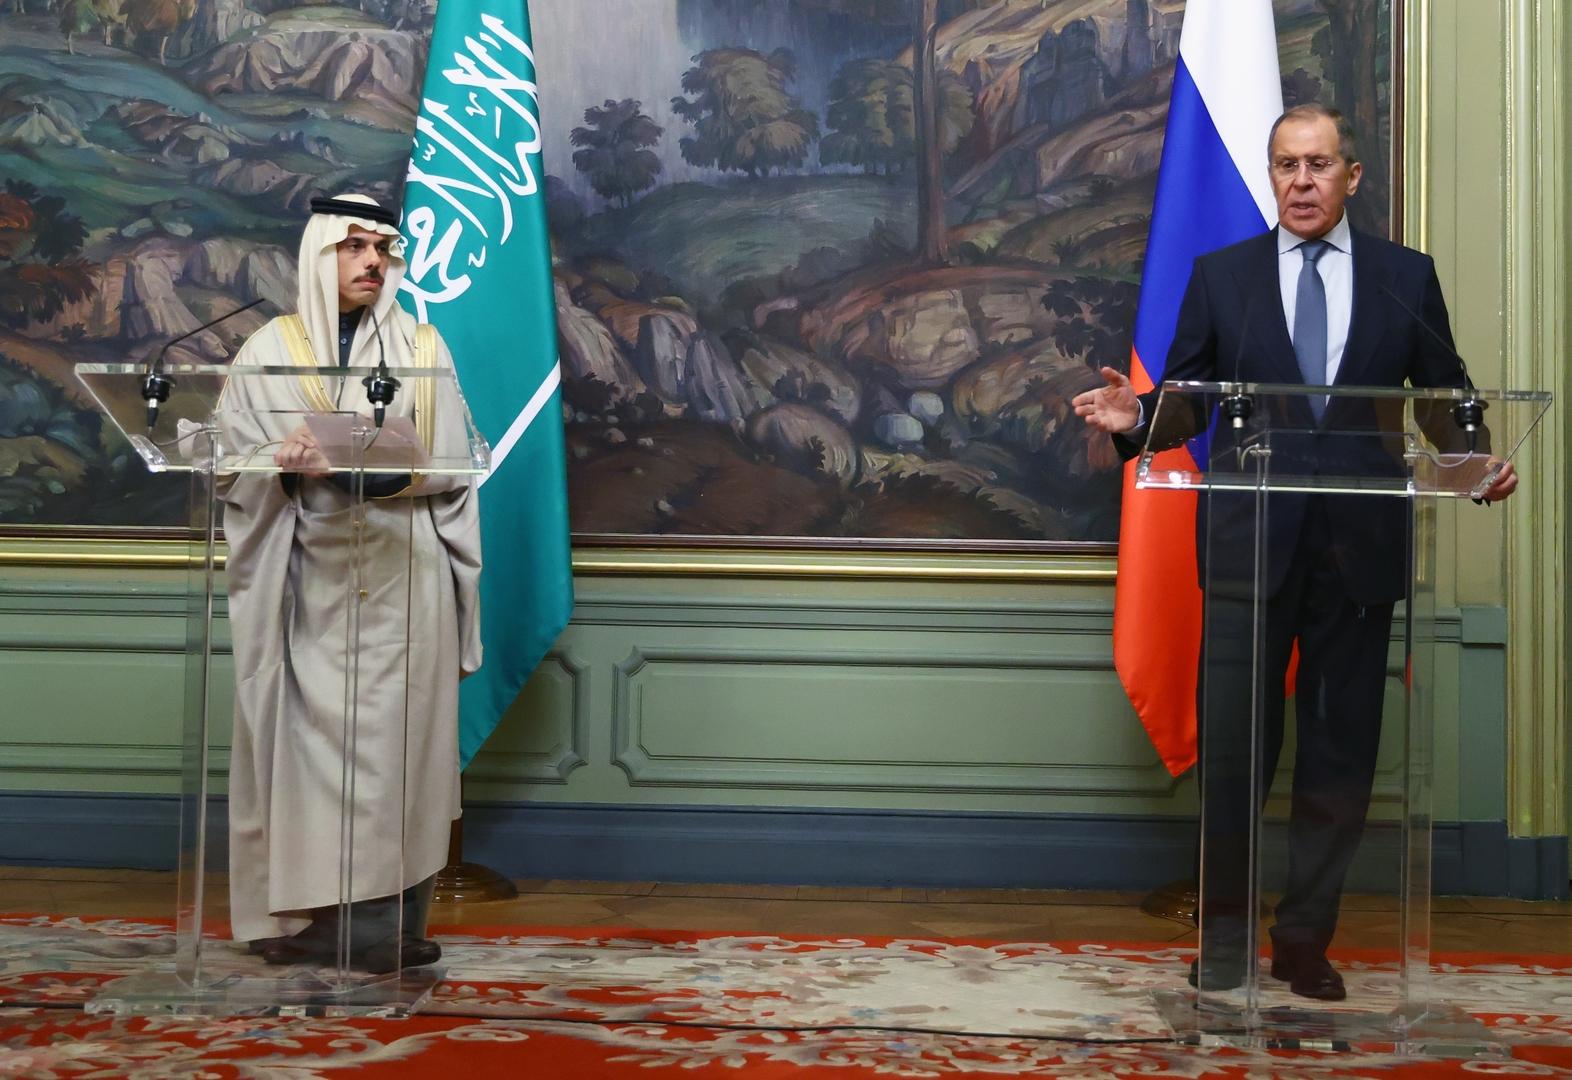 وزير الخارجية الروسي سيرغي لافروف يستقبل نظيره السعودي الأمير فيصل بن فرحان في موسكو